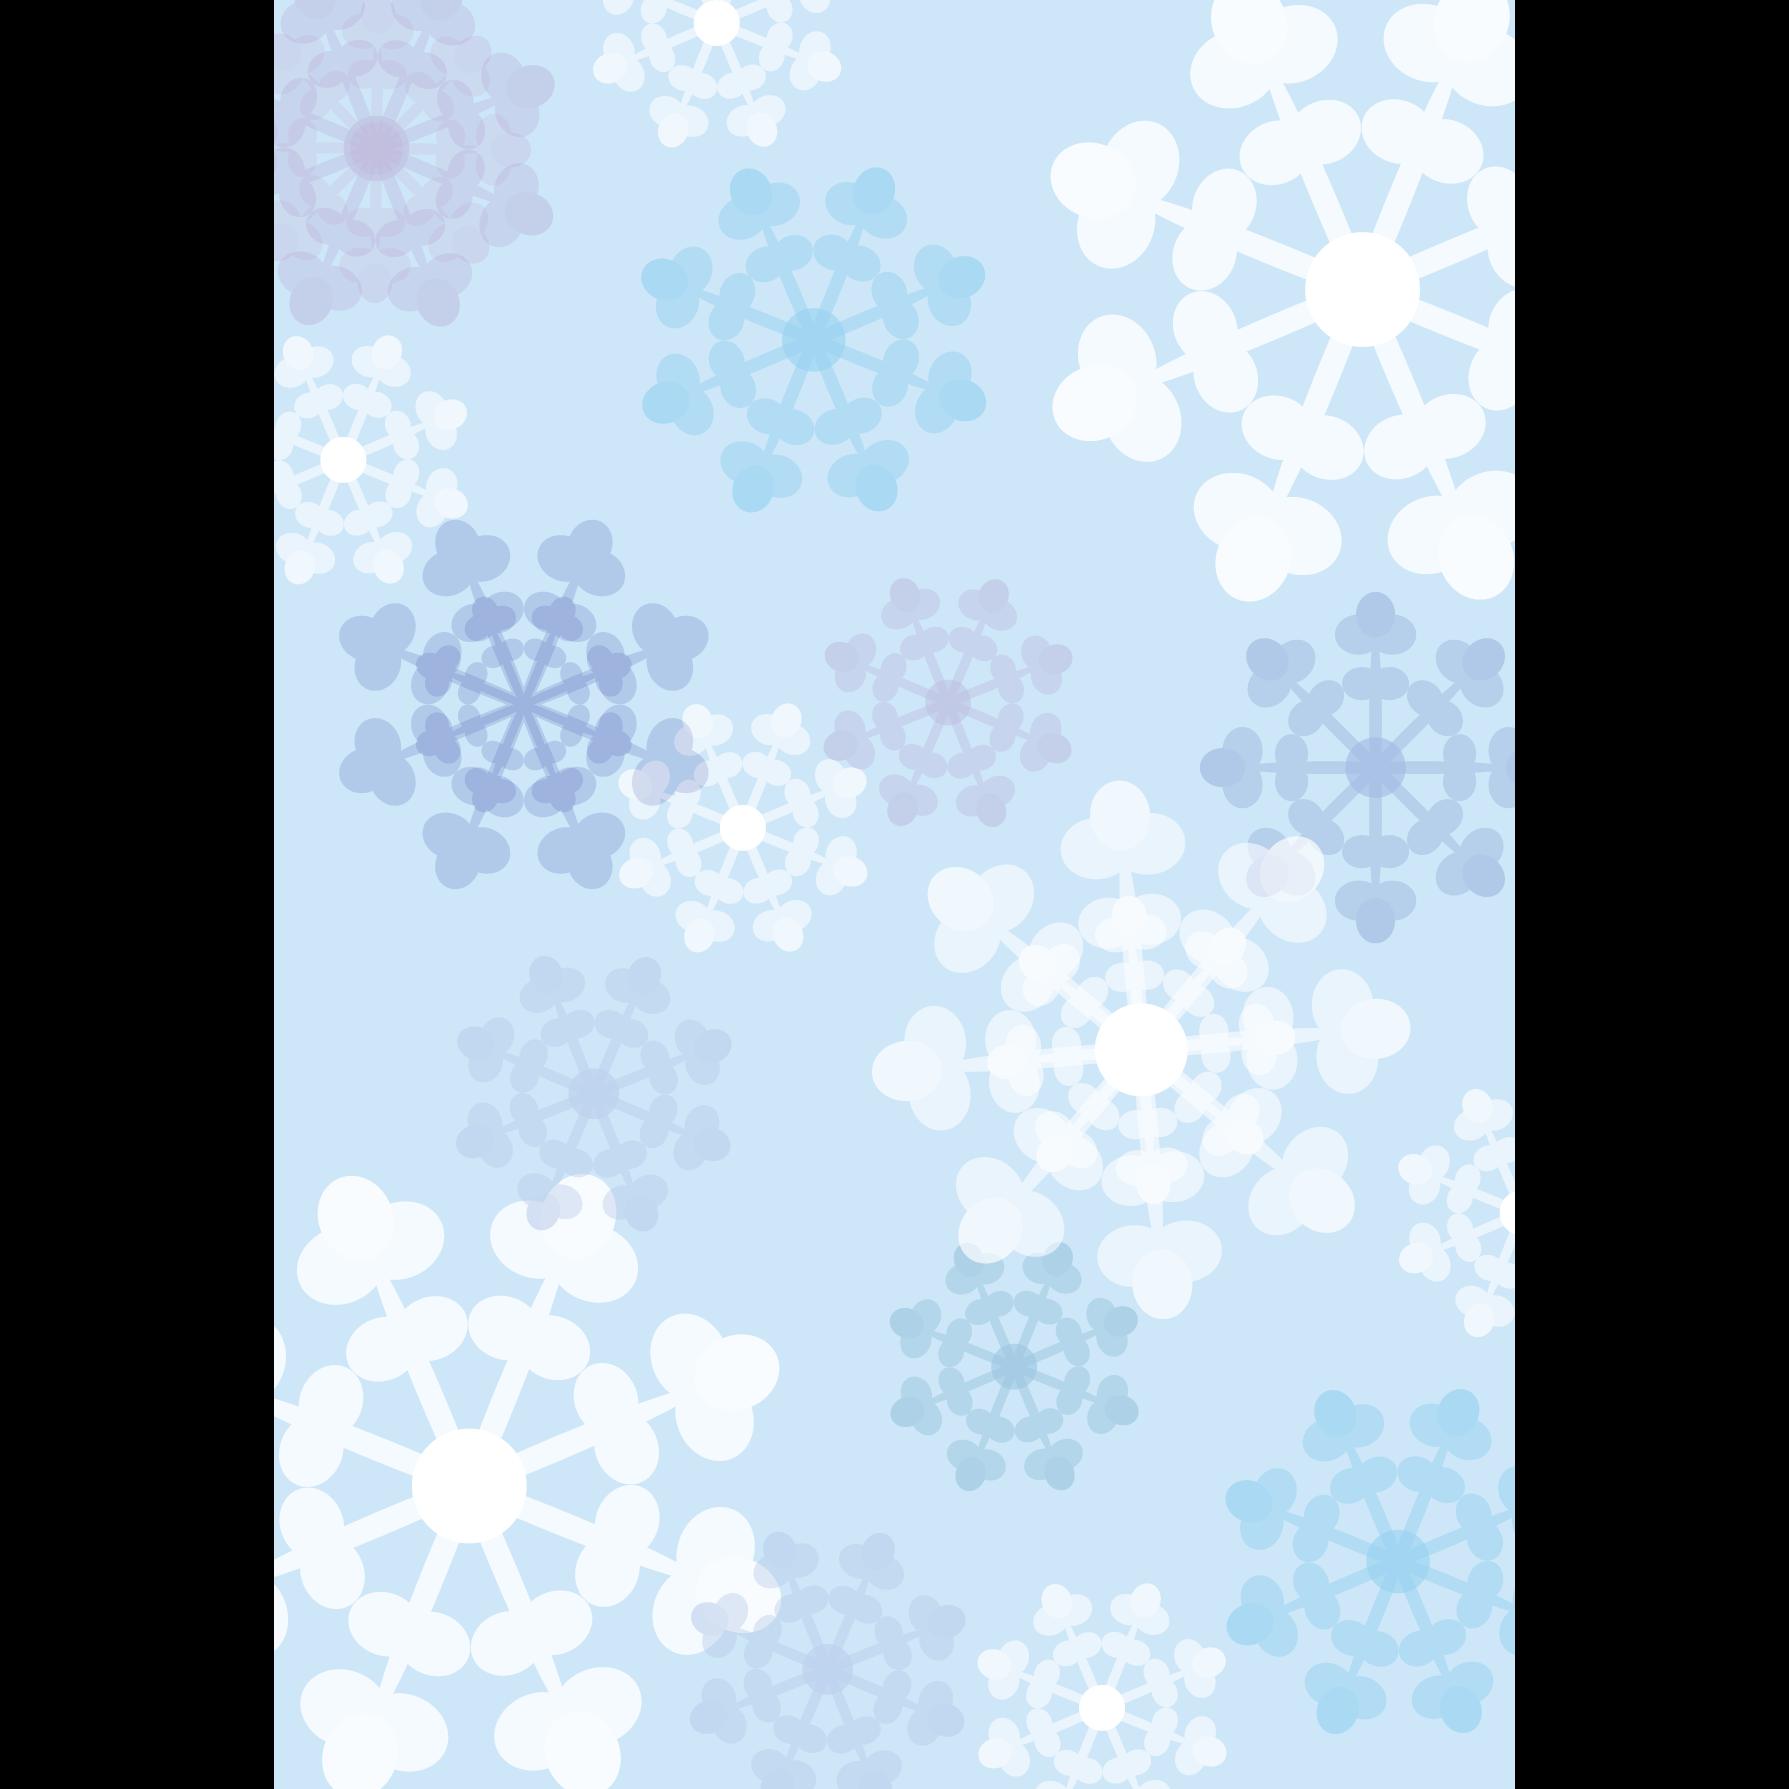 かわいい♪雪の結晶の背景(デザイン素材)a4 フリーイラスト | 商用